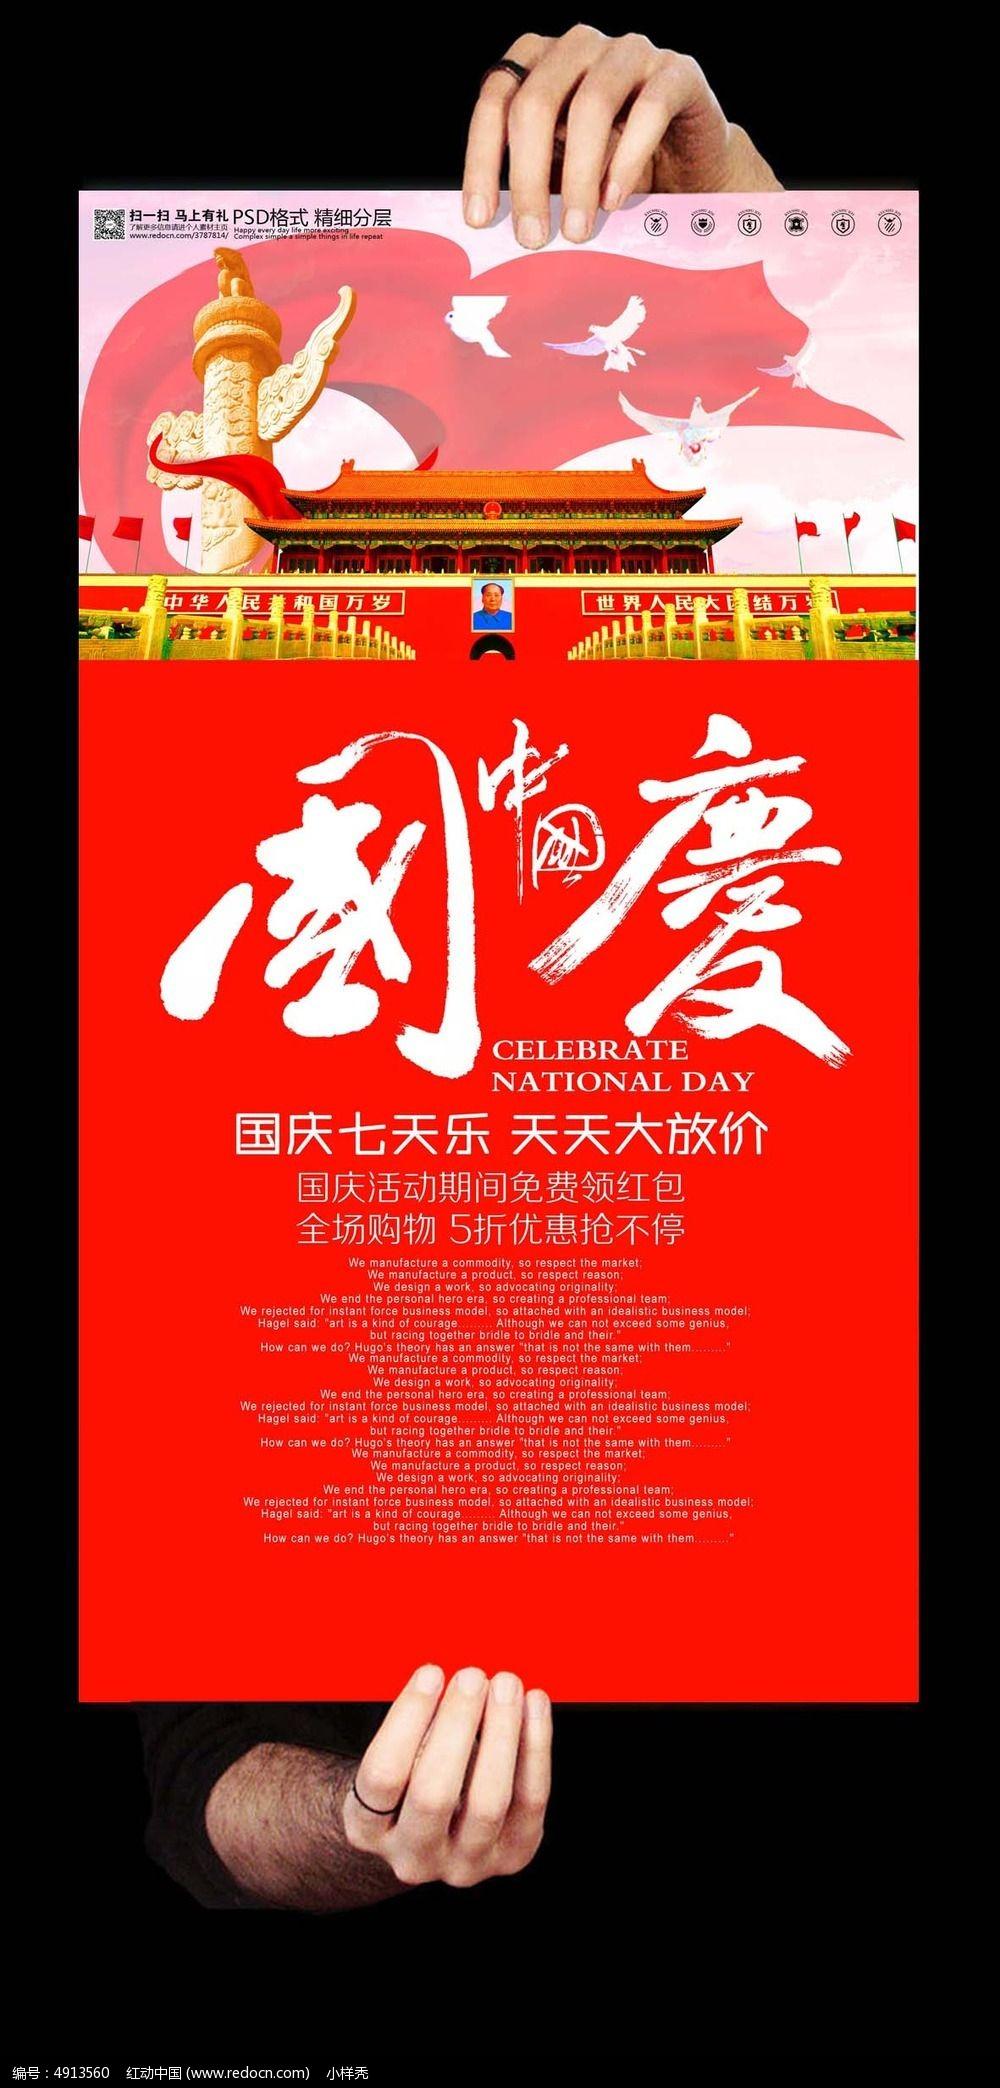 十一国庆节促销活动海报